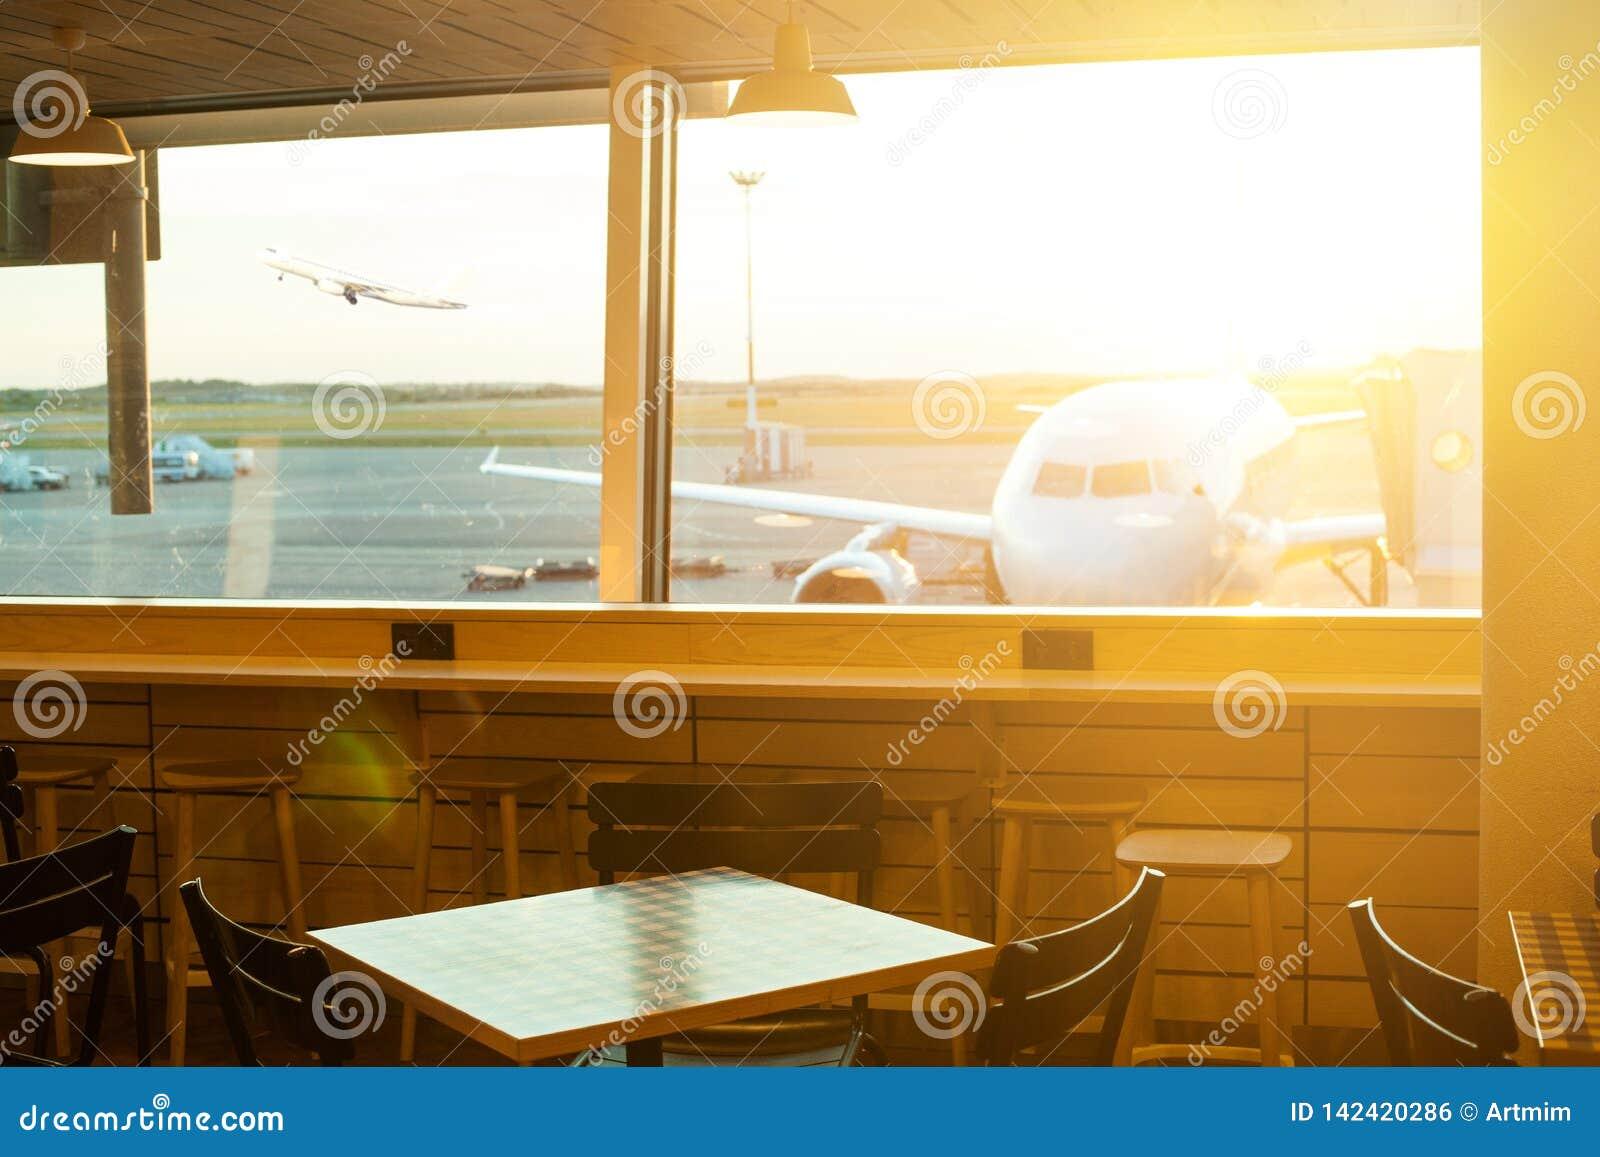 Aairport utanför fönsterplatsen som väntar på flyget Parkerat flygplan på flygplats till och med portfönstret